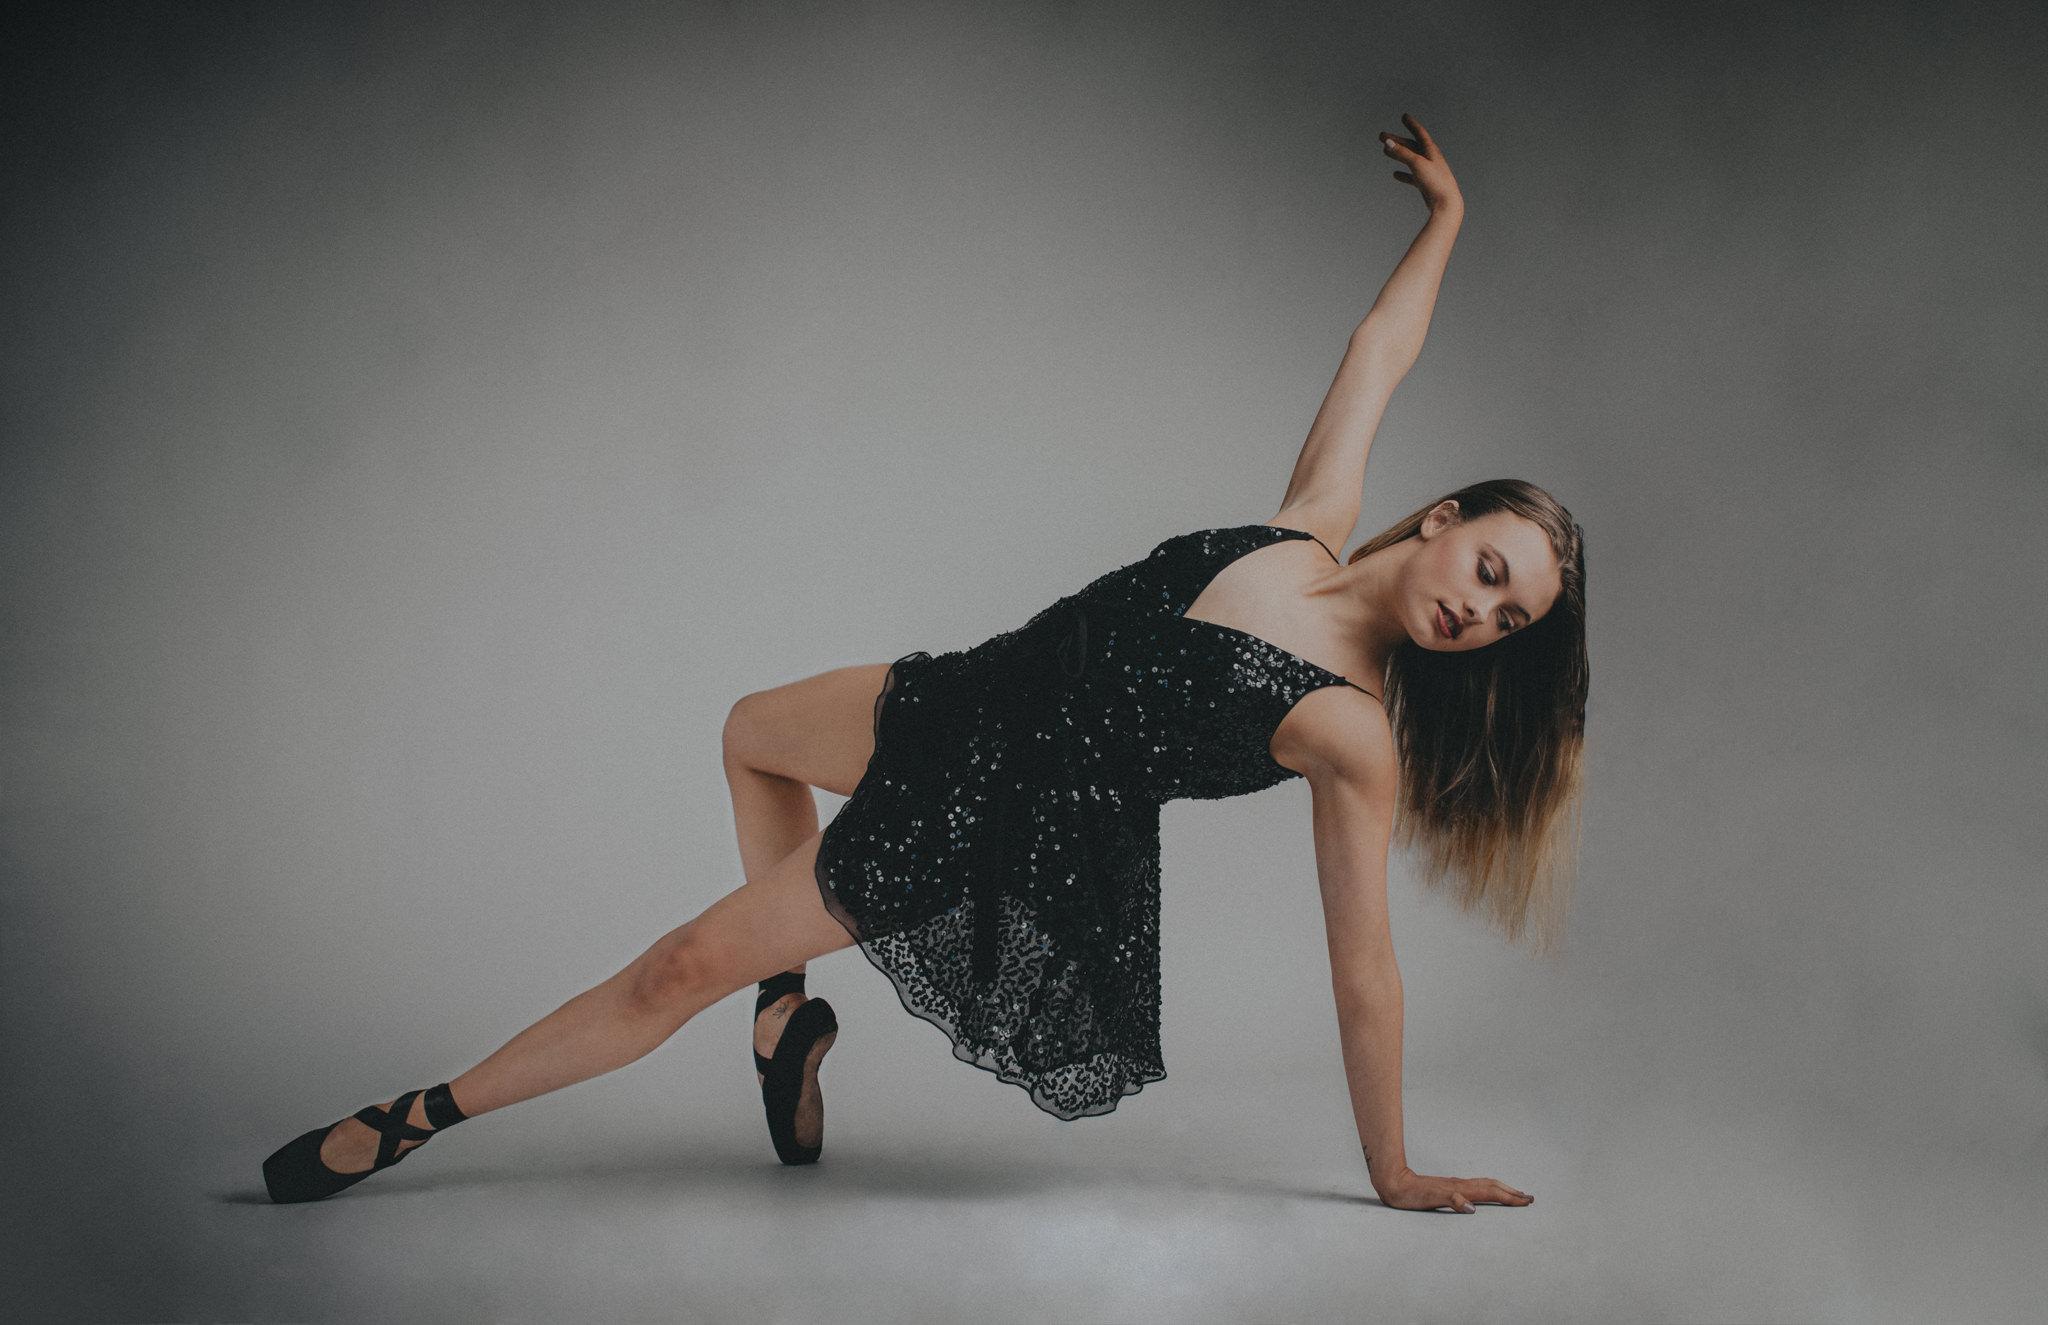 best dance photos and portfolio in melbourne , australia